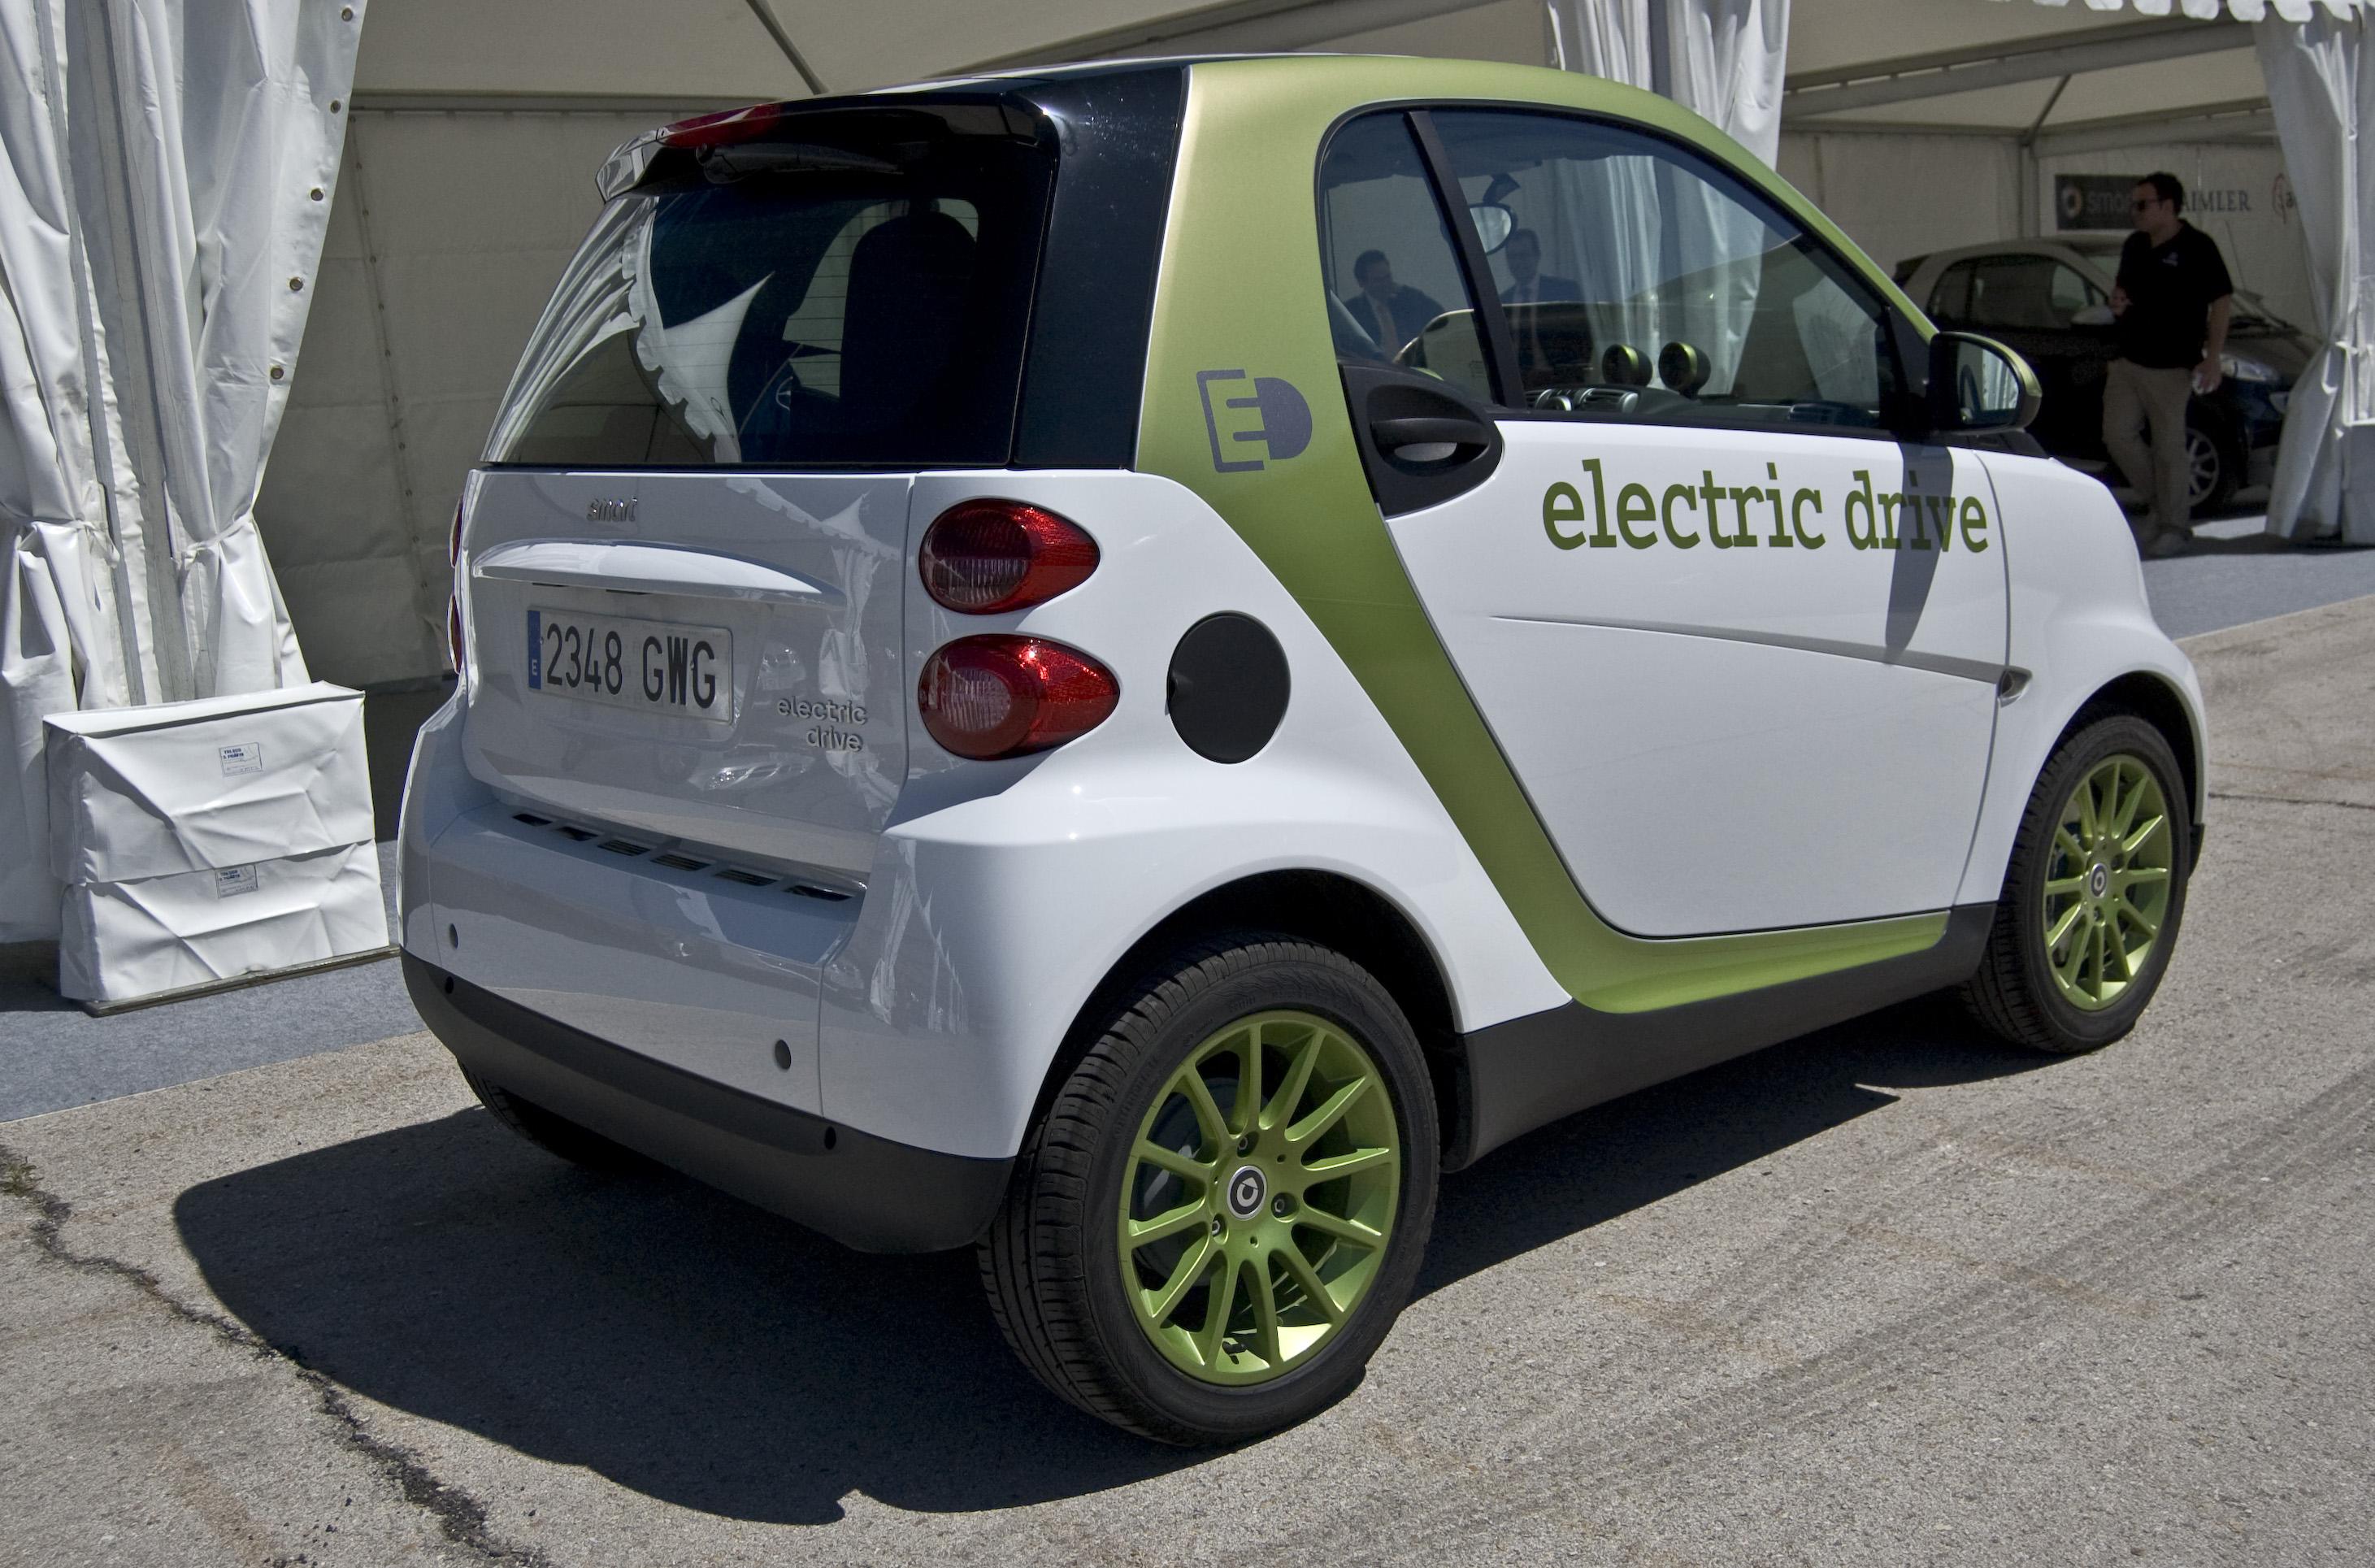 El precio del coche eléctrico Smart es de 18.950 euros